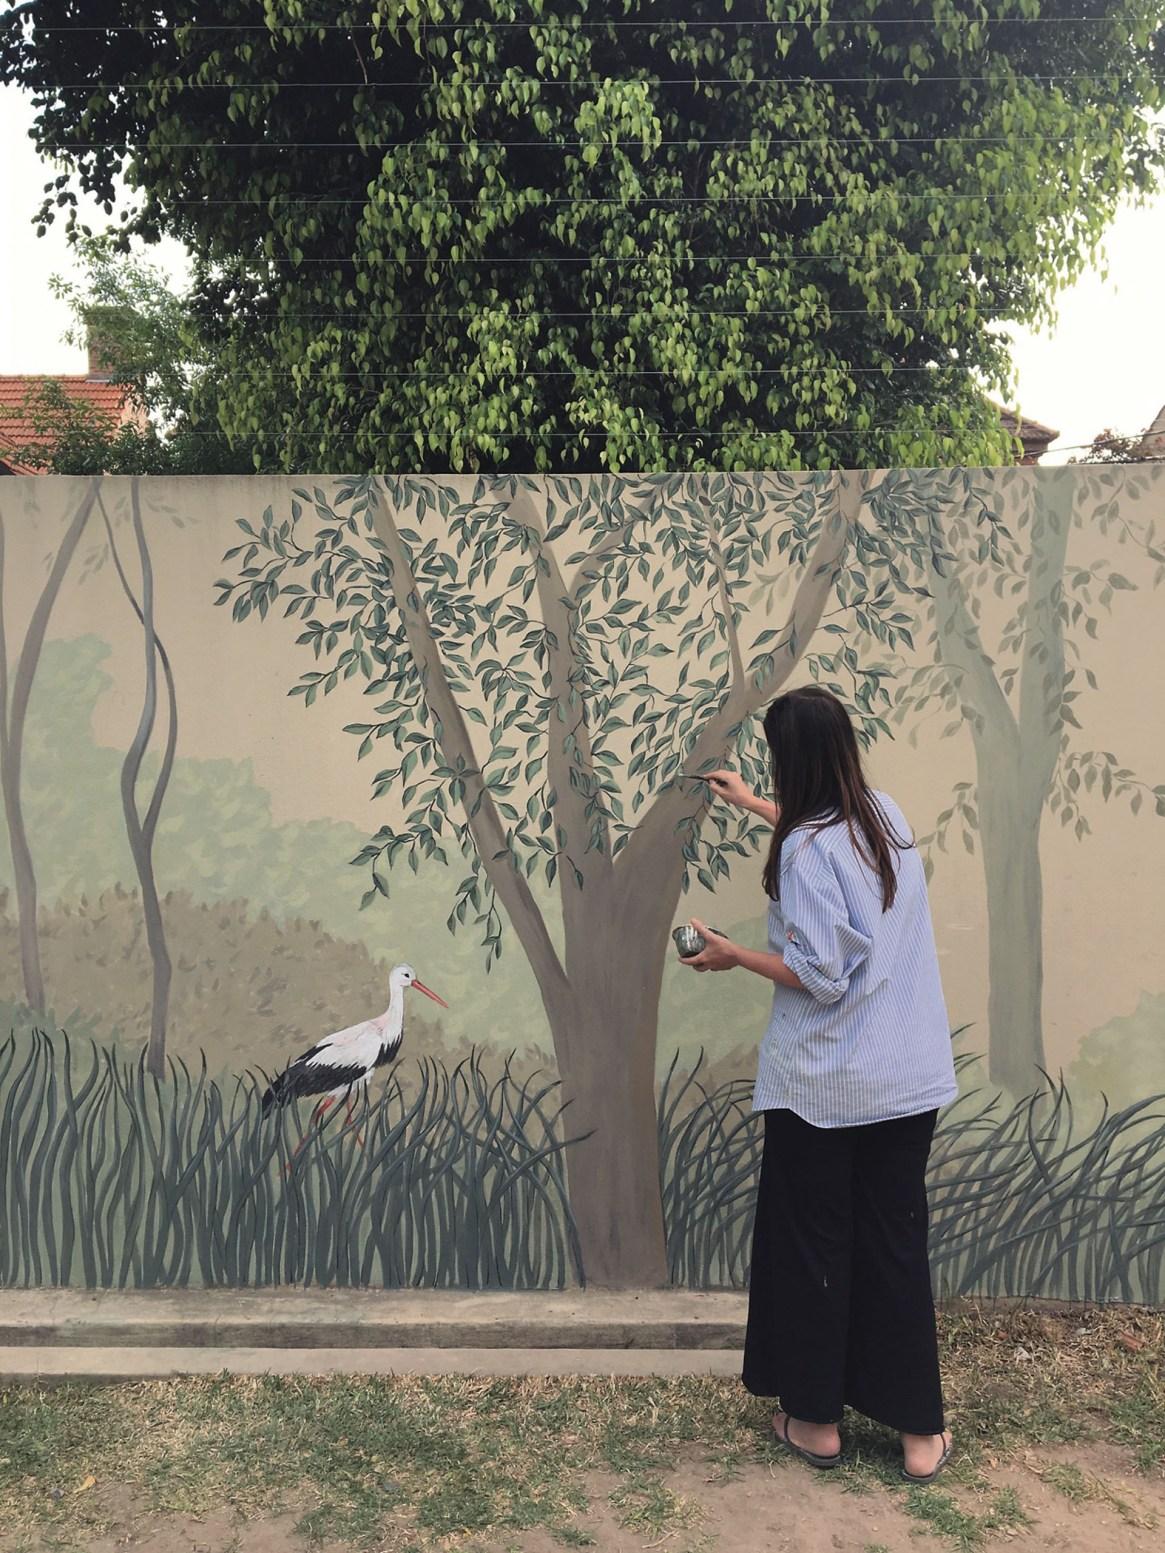 Un mural con que sigue la figura de un árbol y le suma garzas, pintado en un patio interno de un PH en Recoleta.